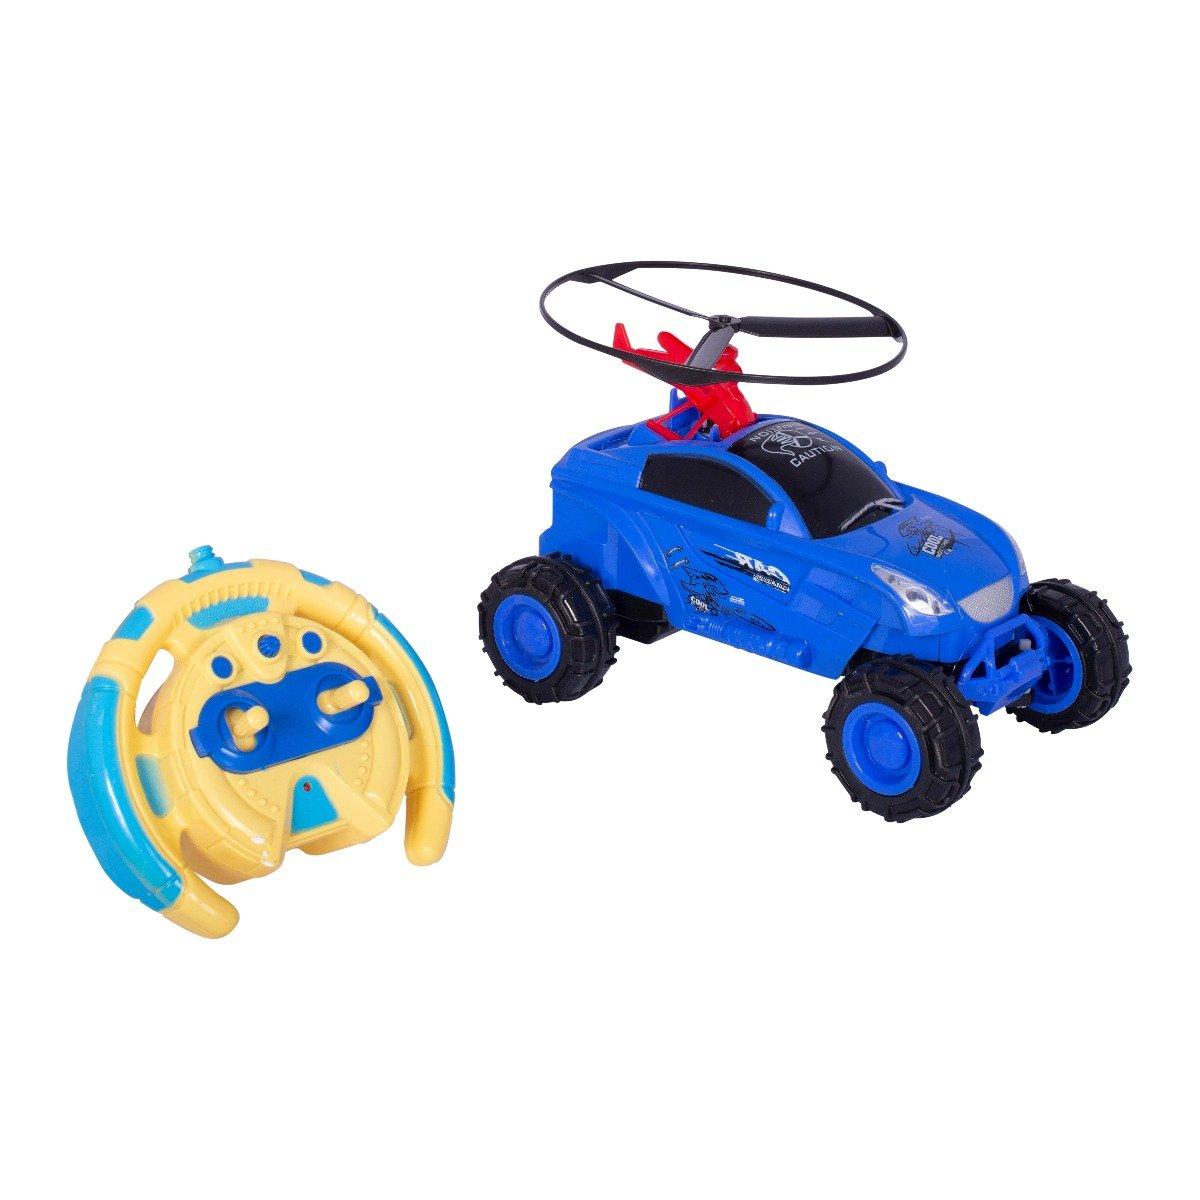 Masinuta cu elice si telecomanda Cool Machines, Albastru